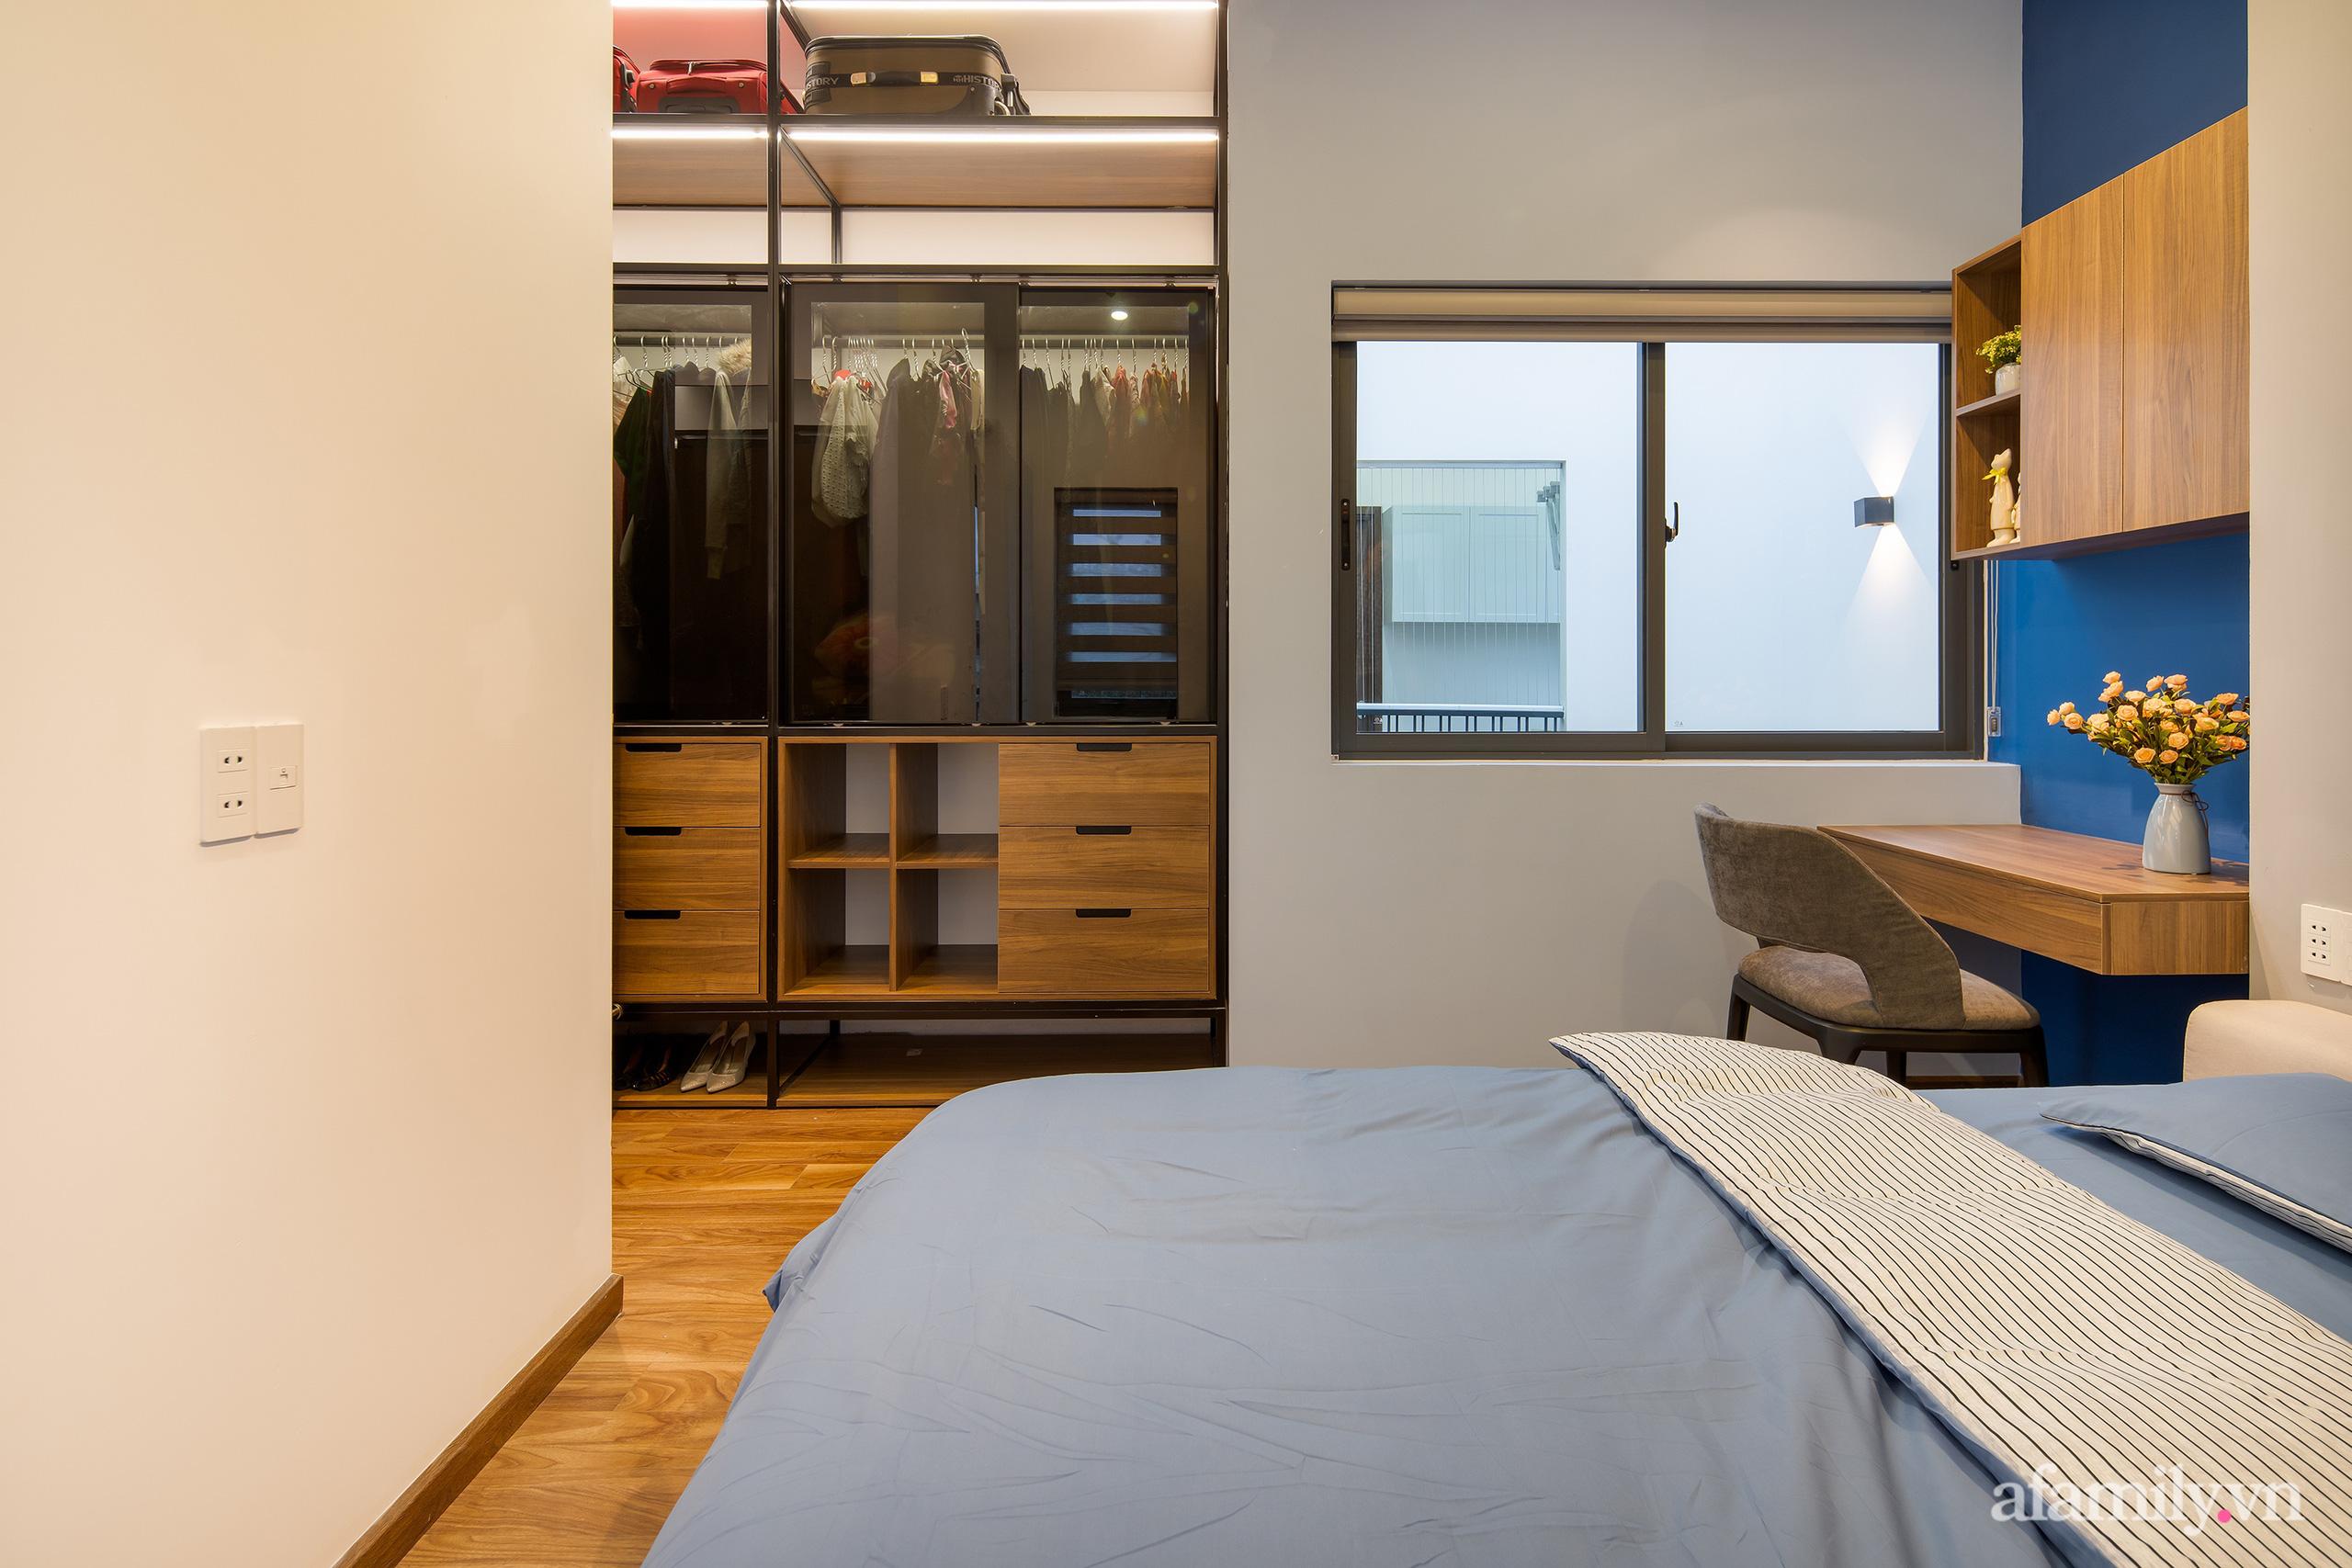 Nhà trong hẻm nhỏ vẫn ngập tràn ánh sáng, duyên dáng với nội thất tối giản ở Đà Nẵng - Ảnh 19.